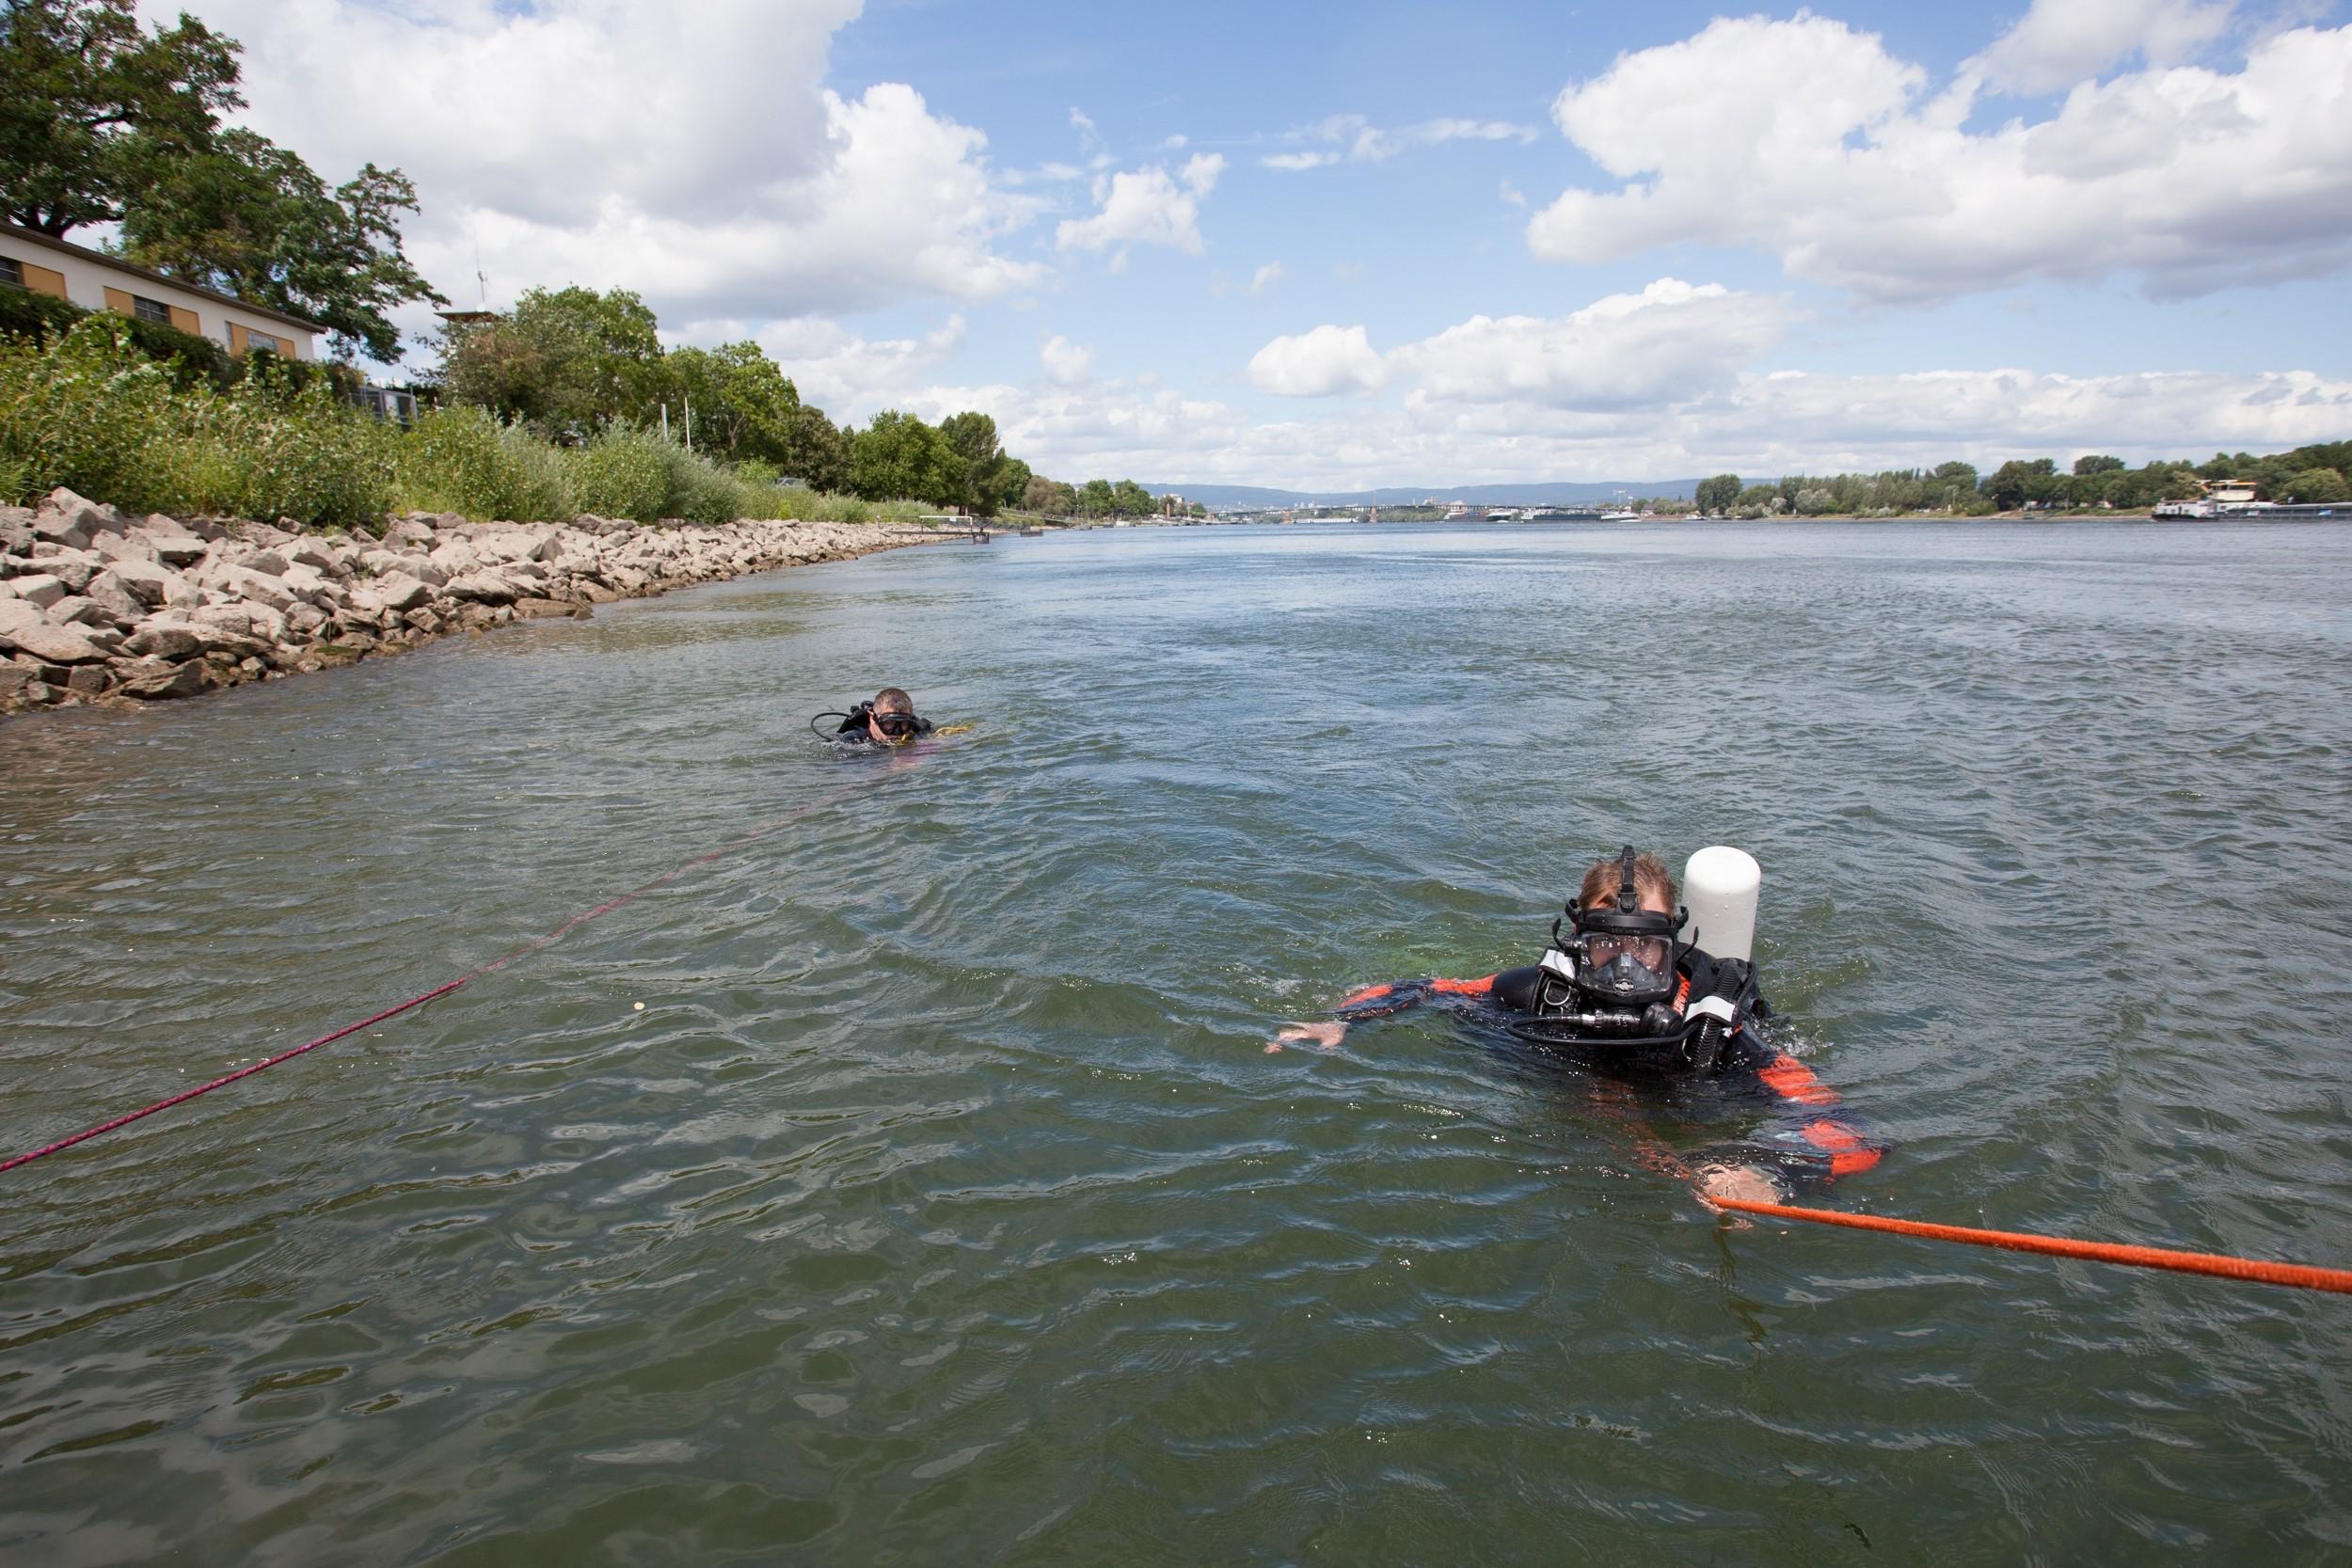 Rauchbombe im Rhein kontrolliert gesprengt